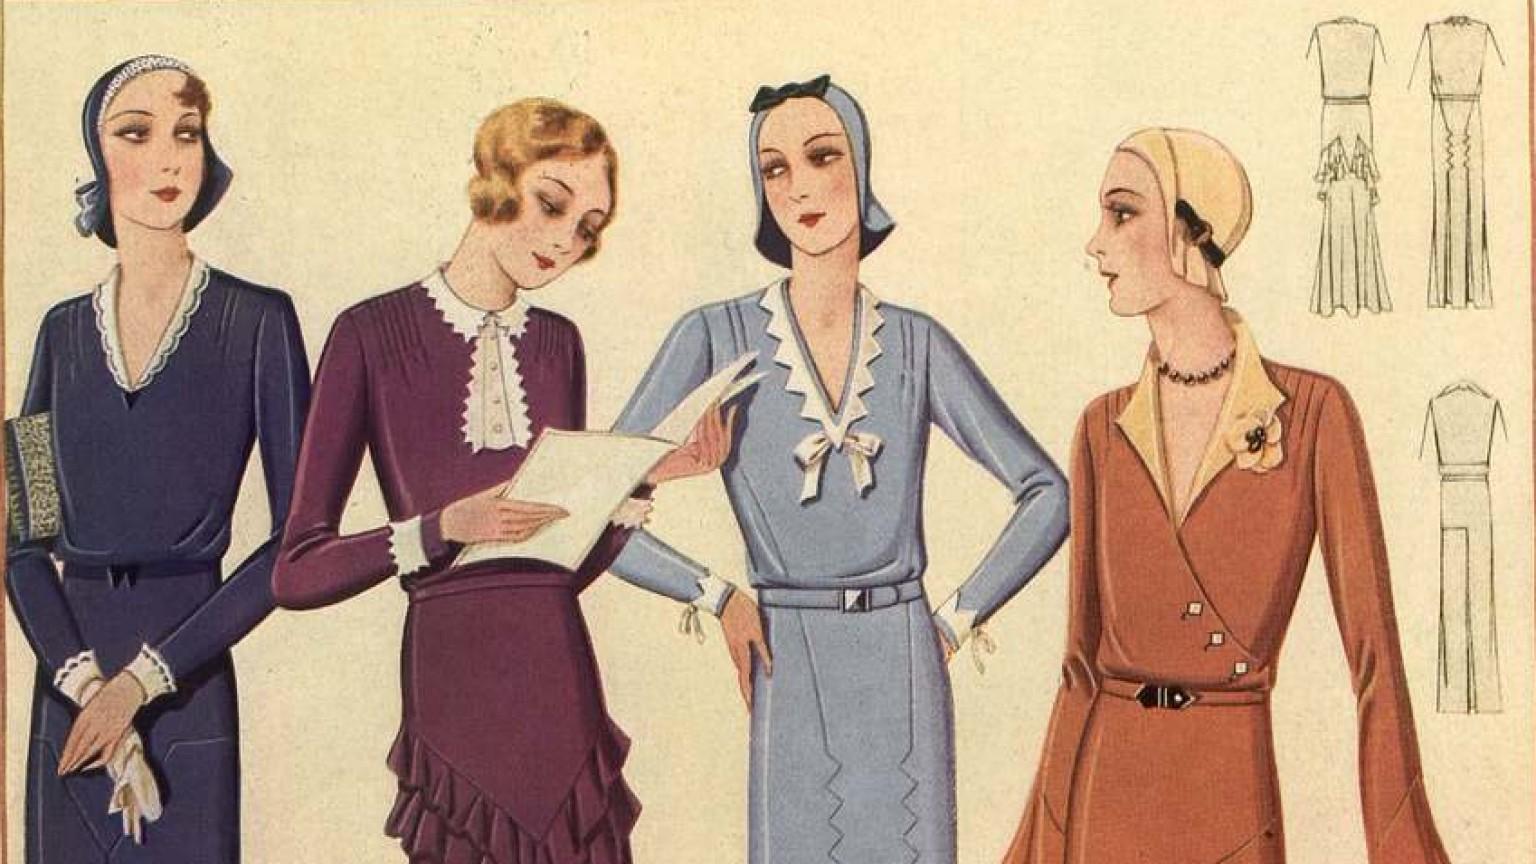 Zdjęcie dla kartki: Trendy - wiosna 1931